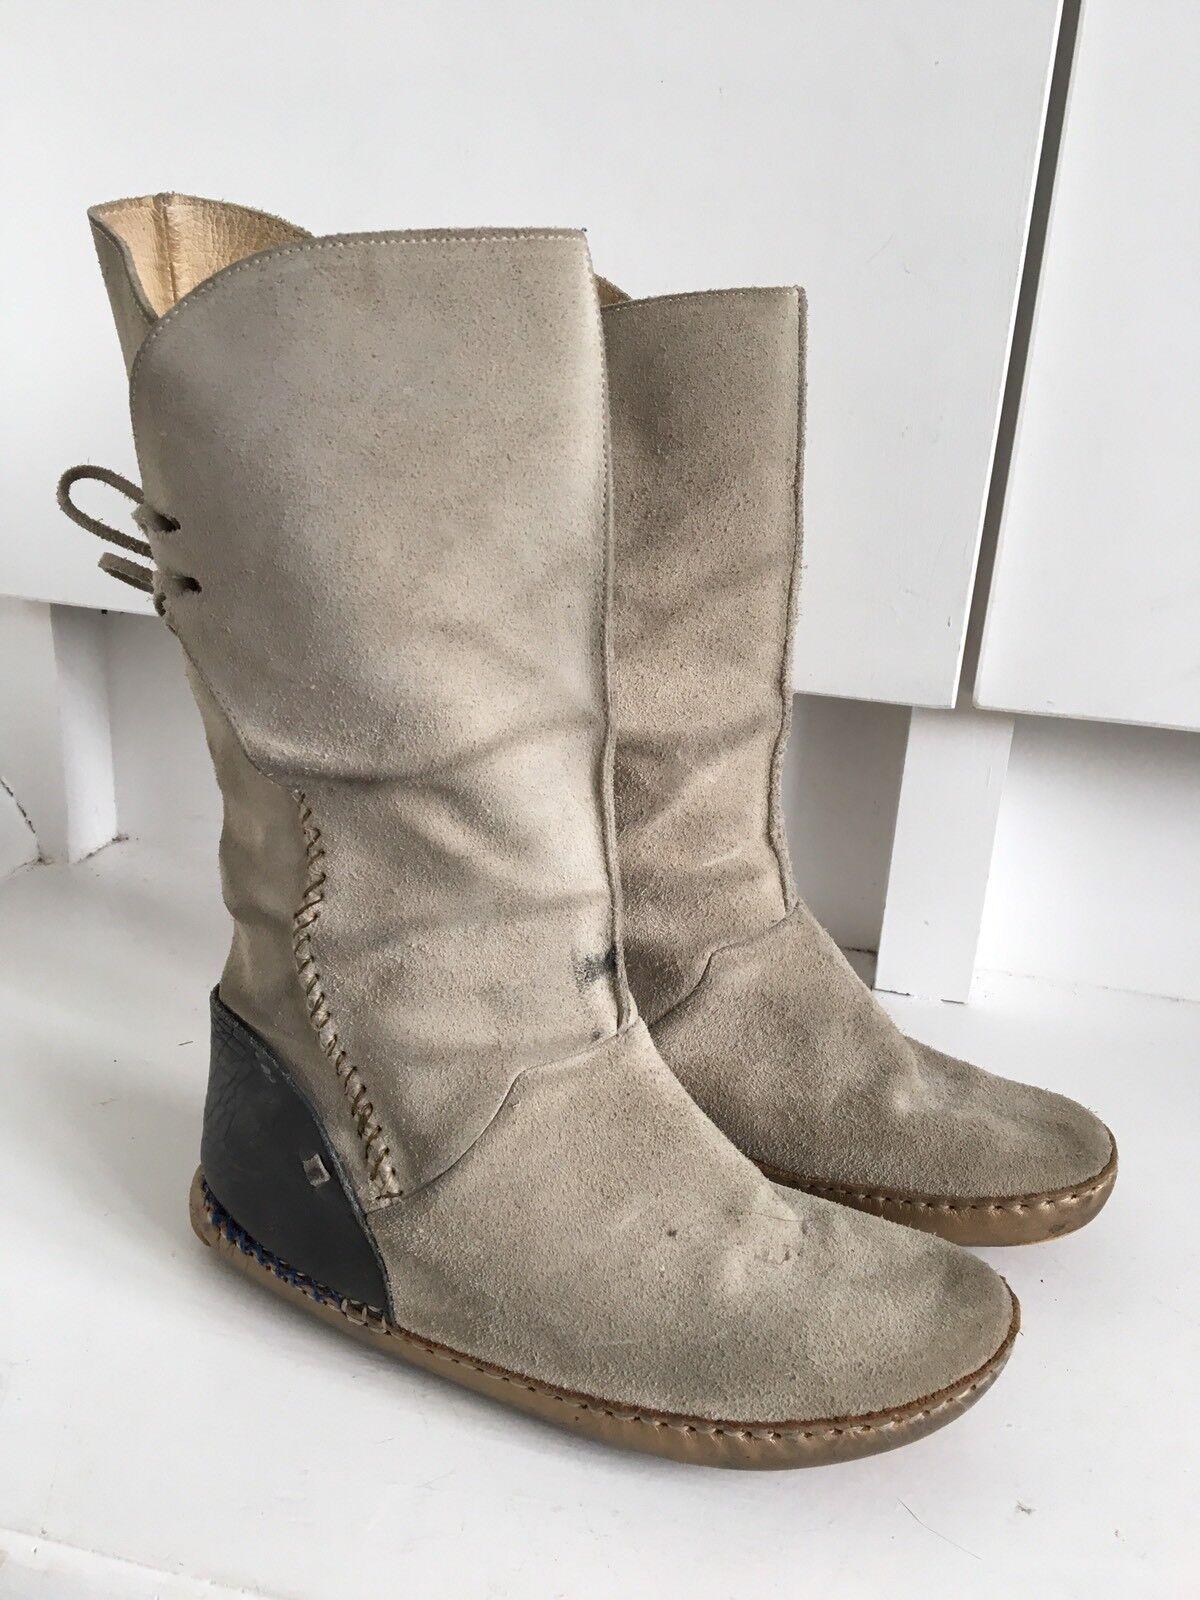 Folk Beige Woven Suede Comfort Mid Calf Designer Ladies Boots 5 38